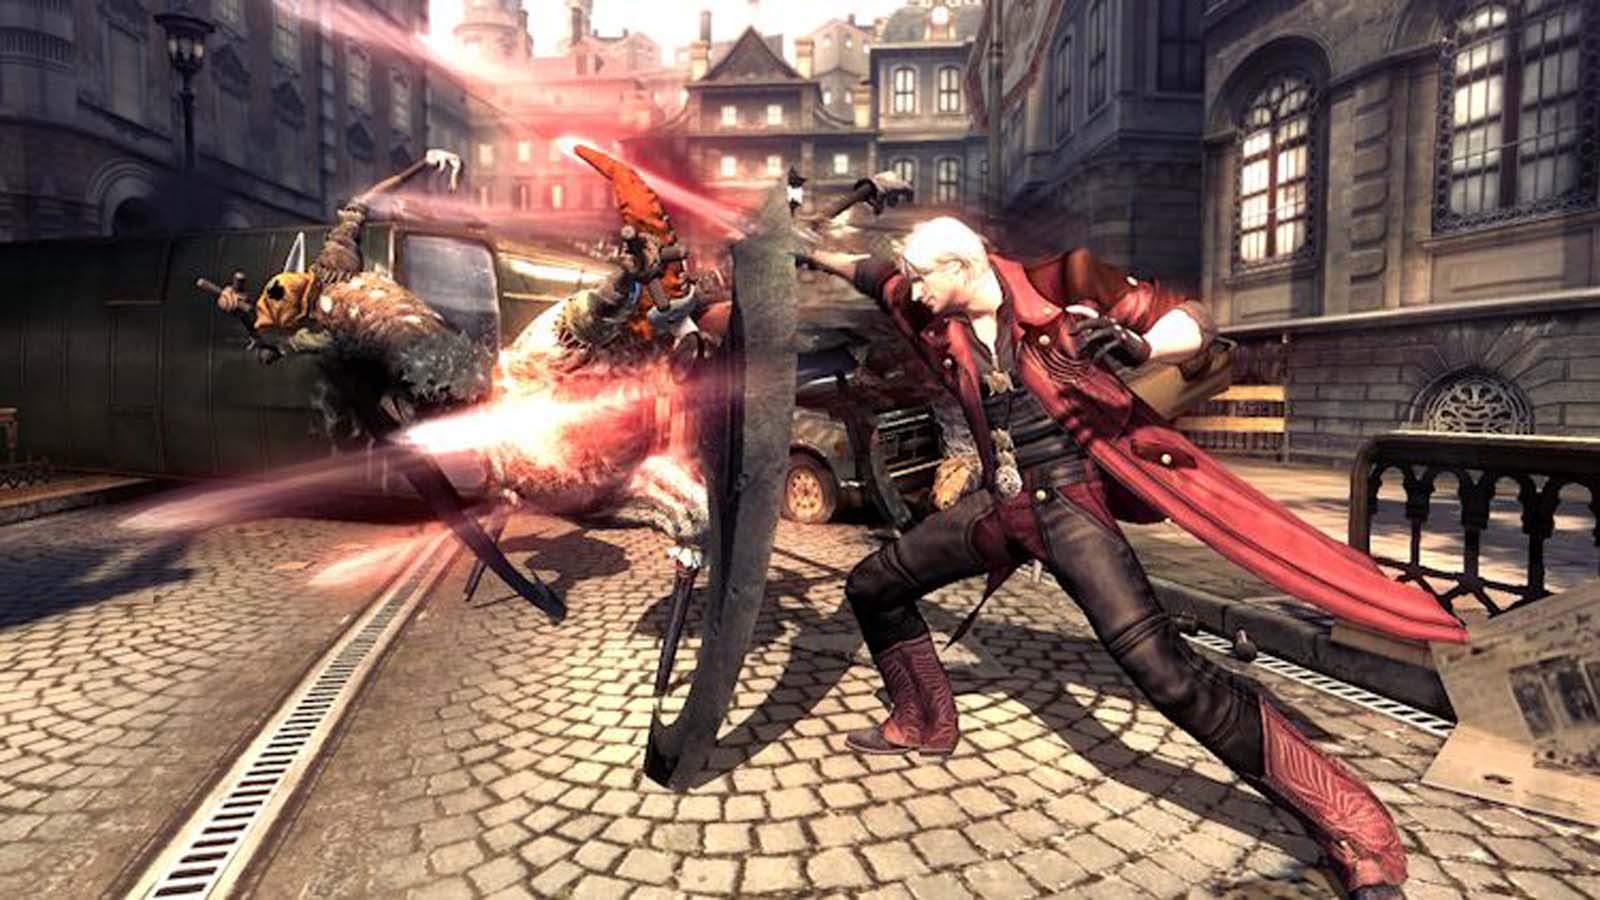 تحميل لعبة Devil May Cry 4 مضغوطة برابط واحد مباشر + تورنت كاملة مجانا